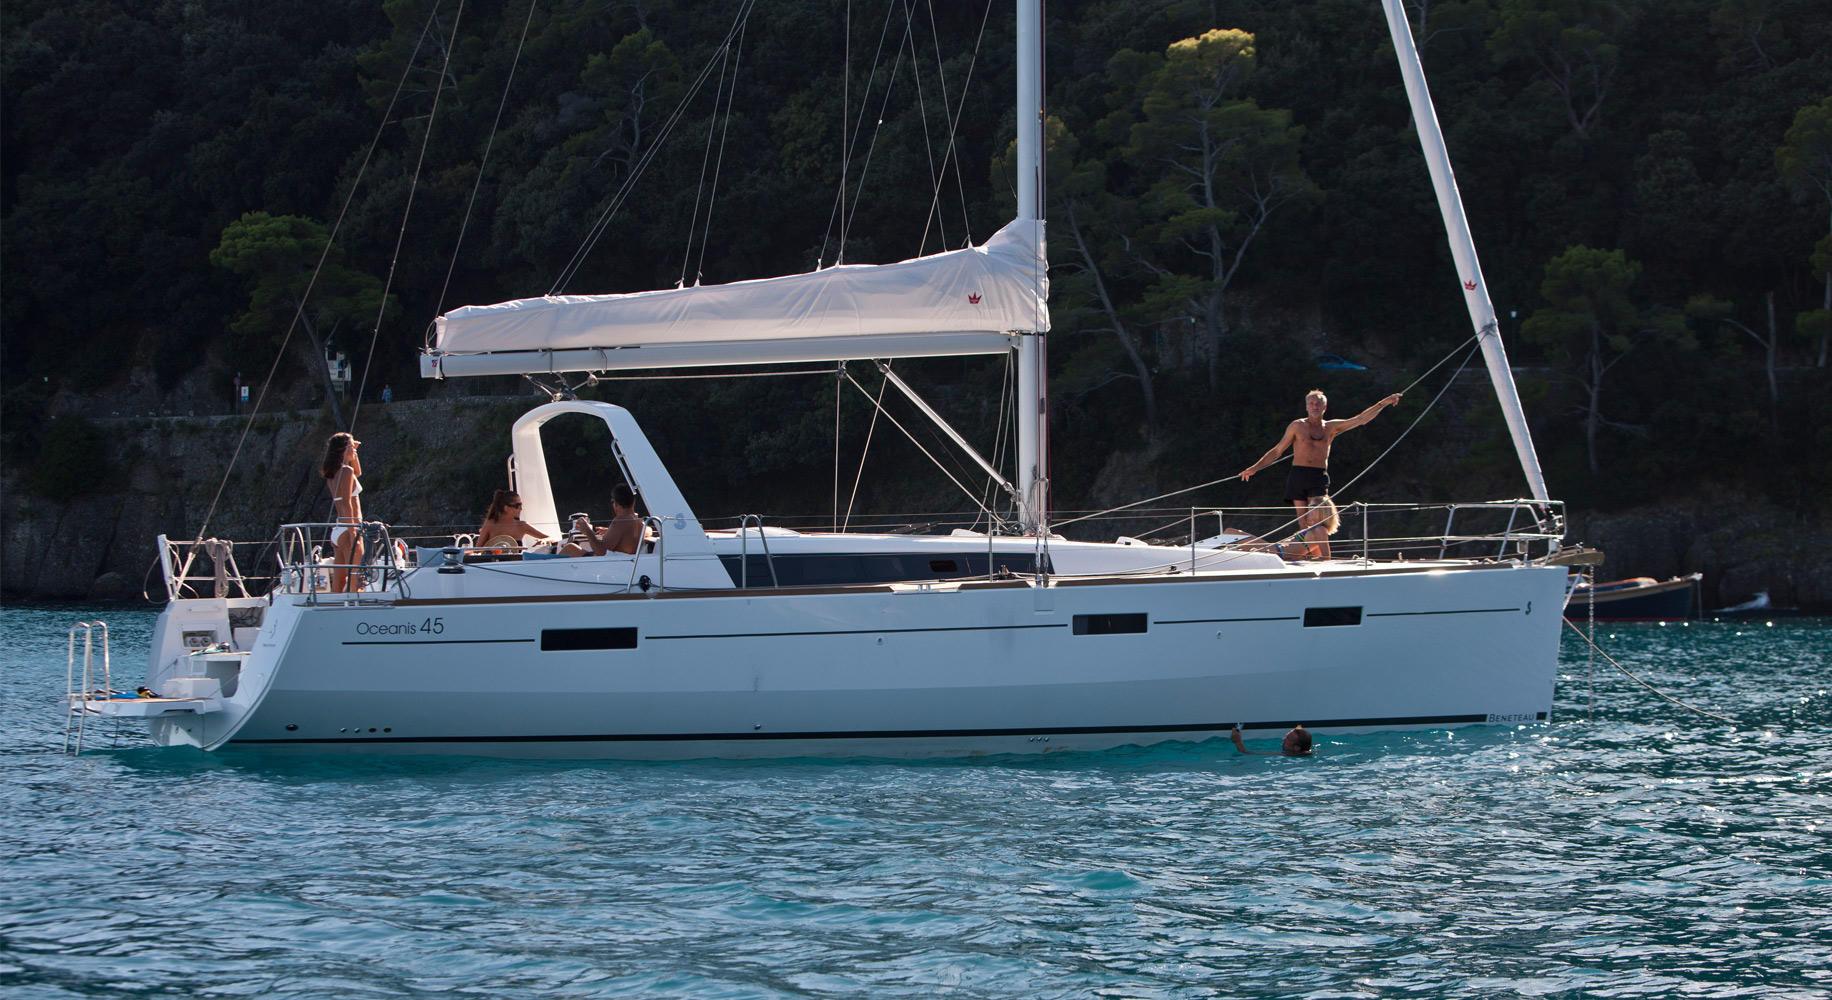 oceanis45 yacht charter